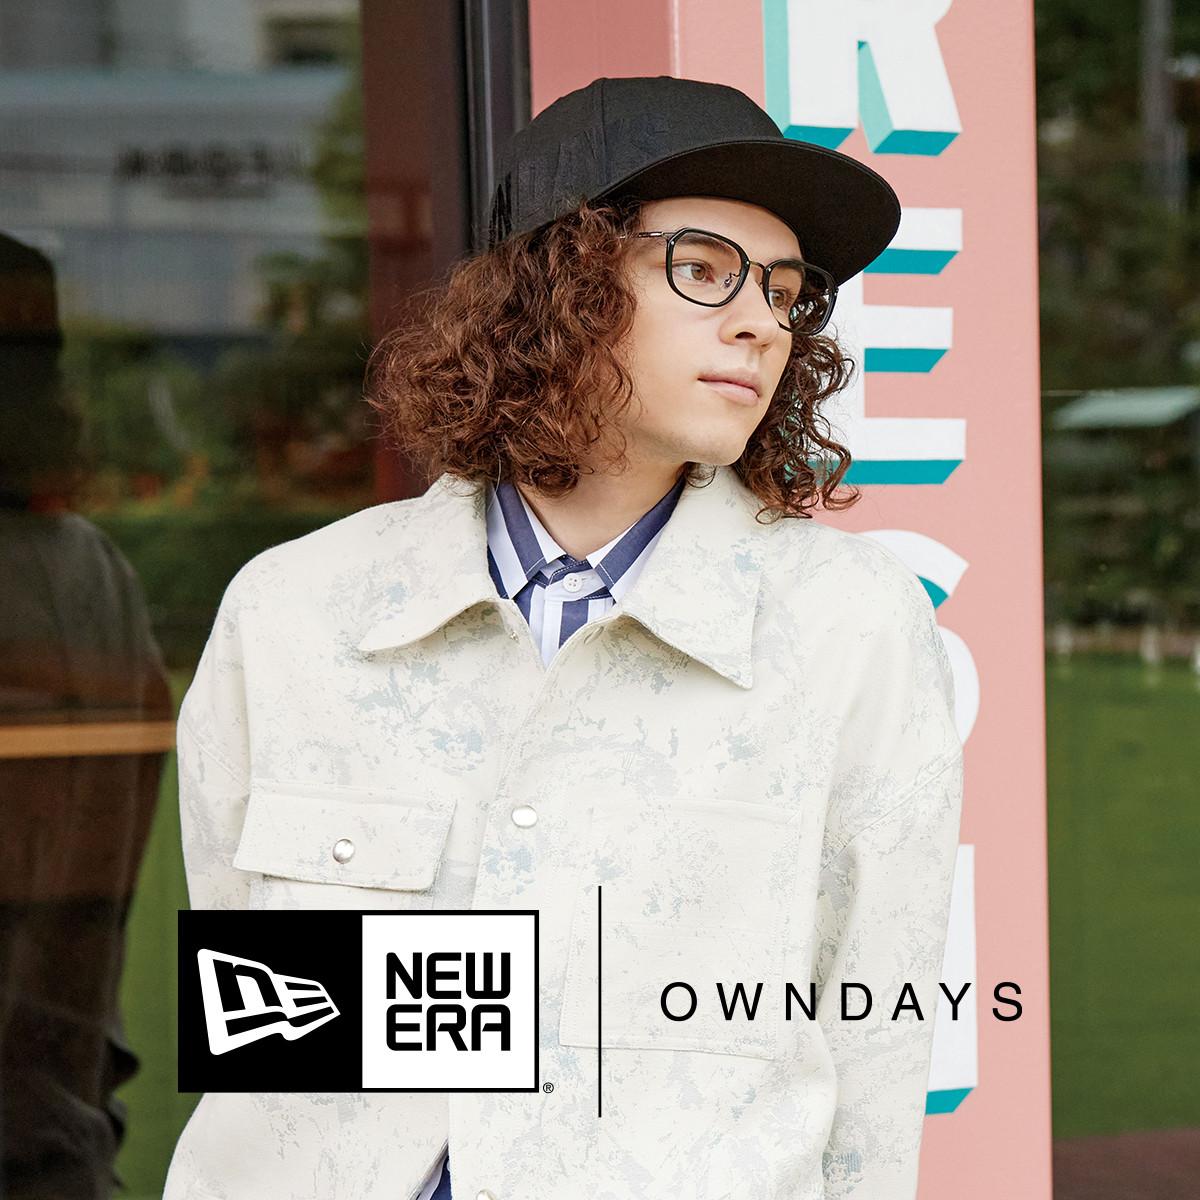 NEWERA × OWNDAYS